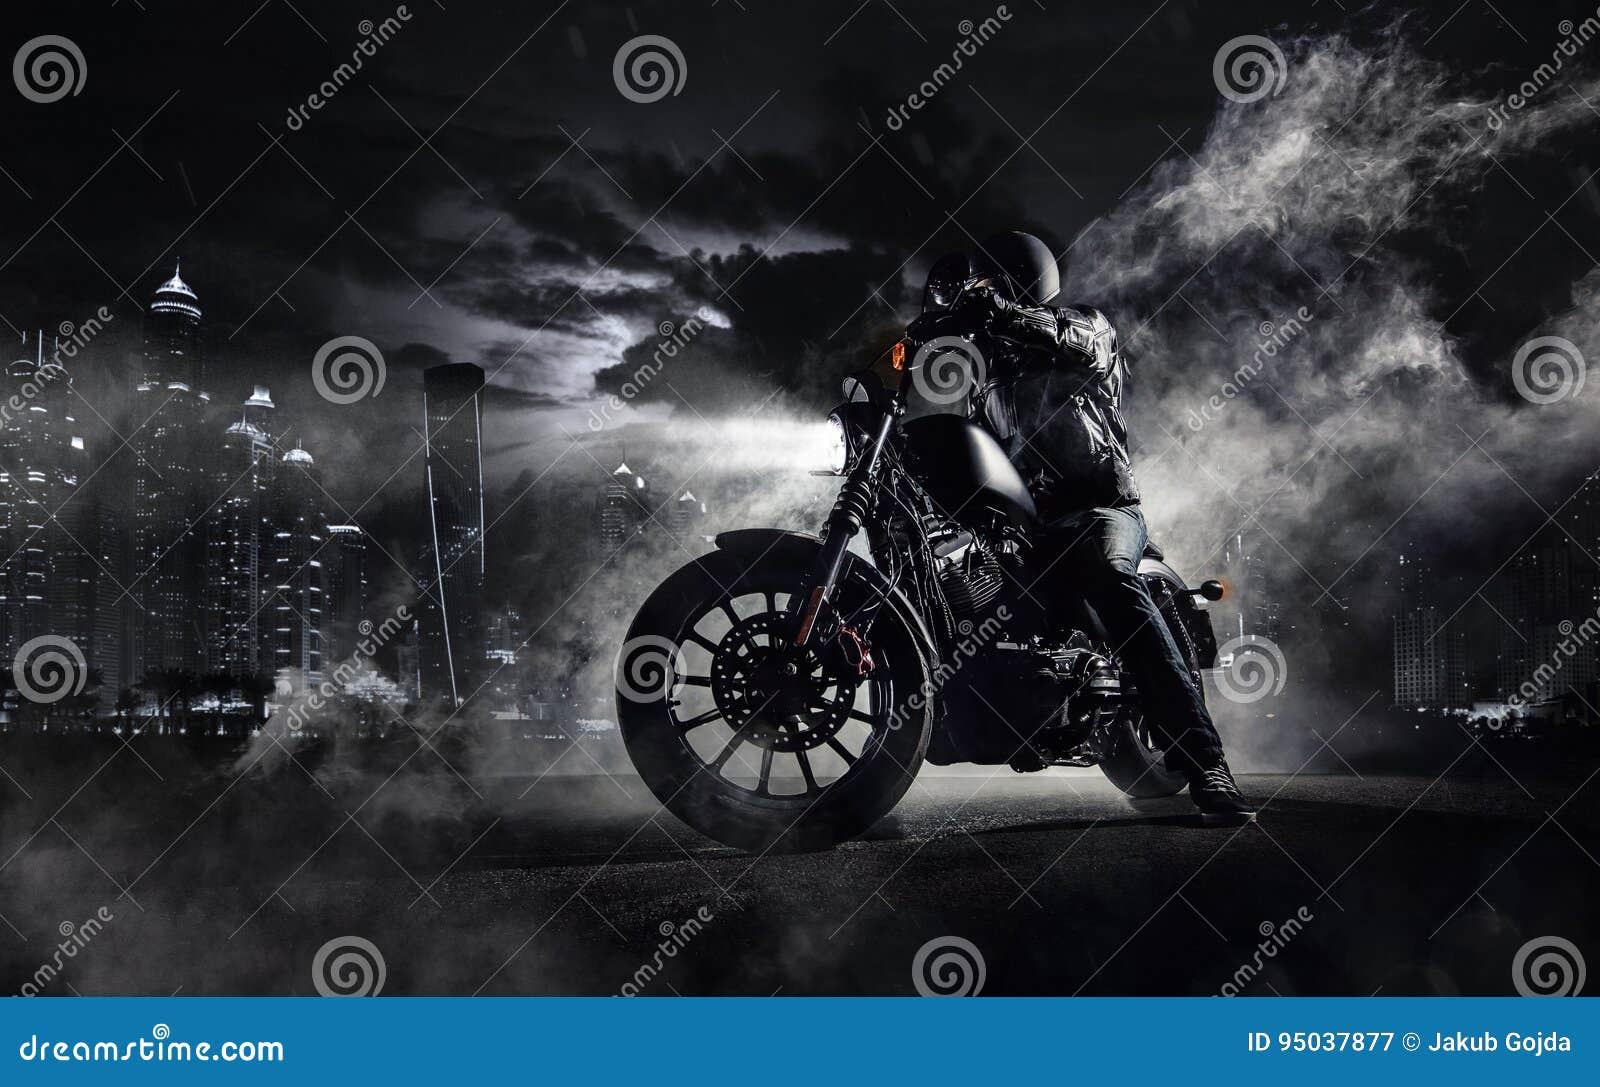 Motorradzerhacker der hohen Leistung mit Mannreiter nachts